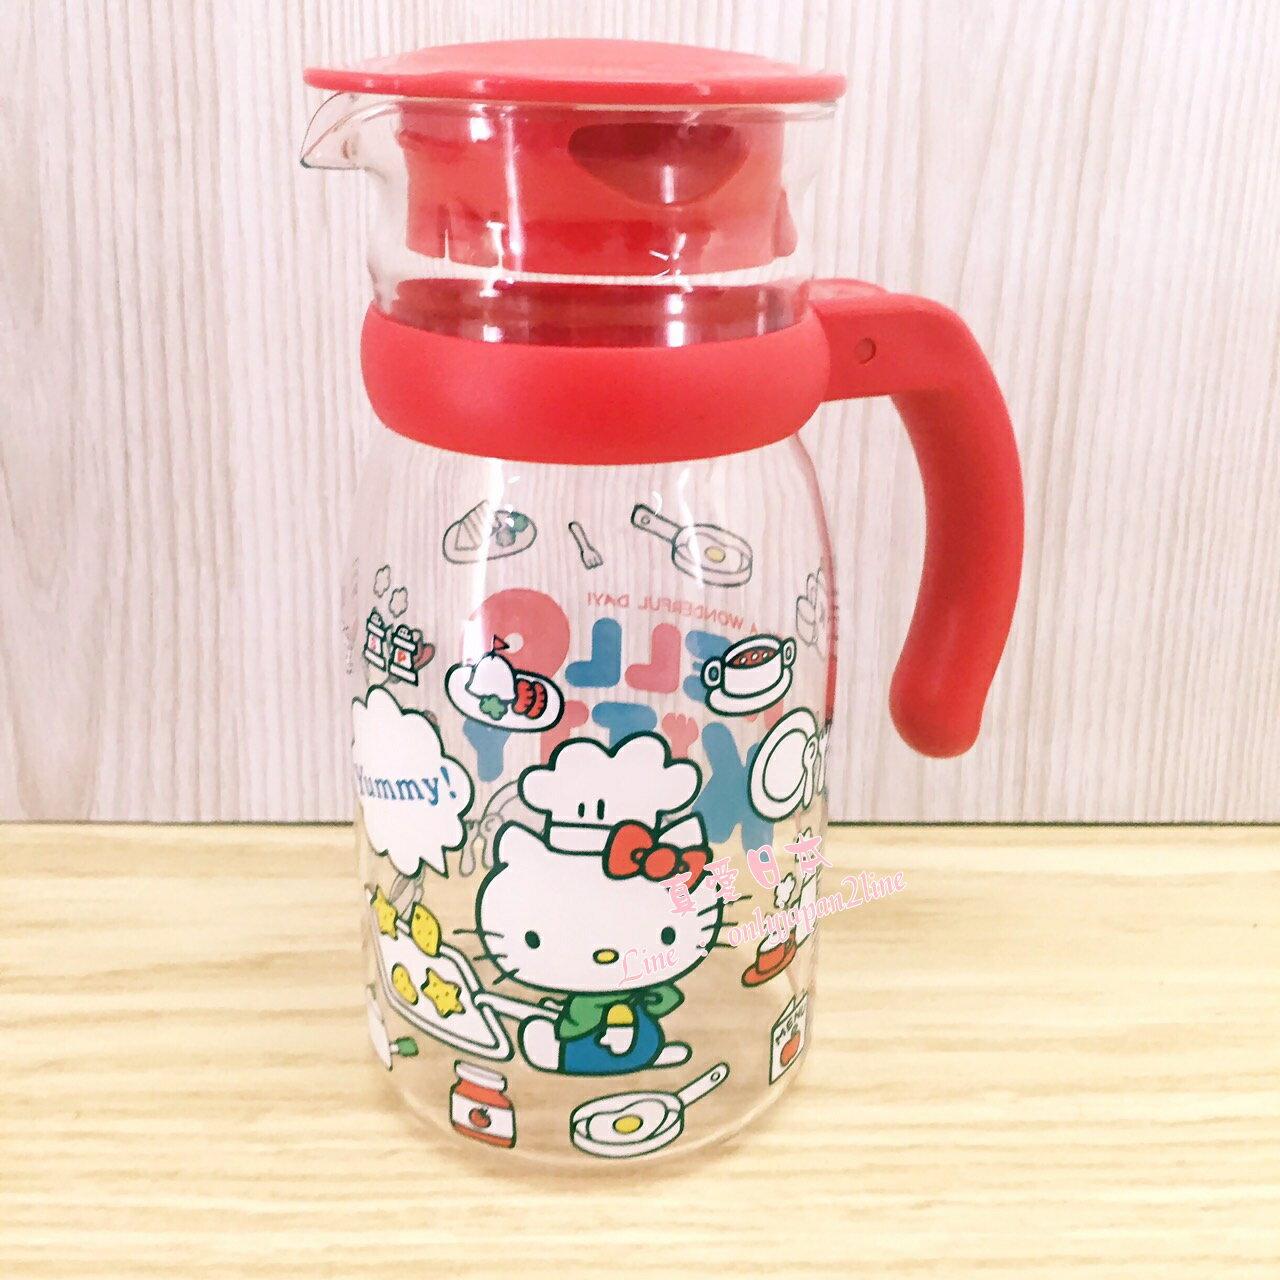 【真愛日本】16082200002耐熱玻璃壺-廚師紅  三麗鷗 KITTY 凱蒂貓 玻璃瓶 水瓶 瓶罐 生活用品